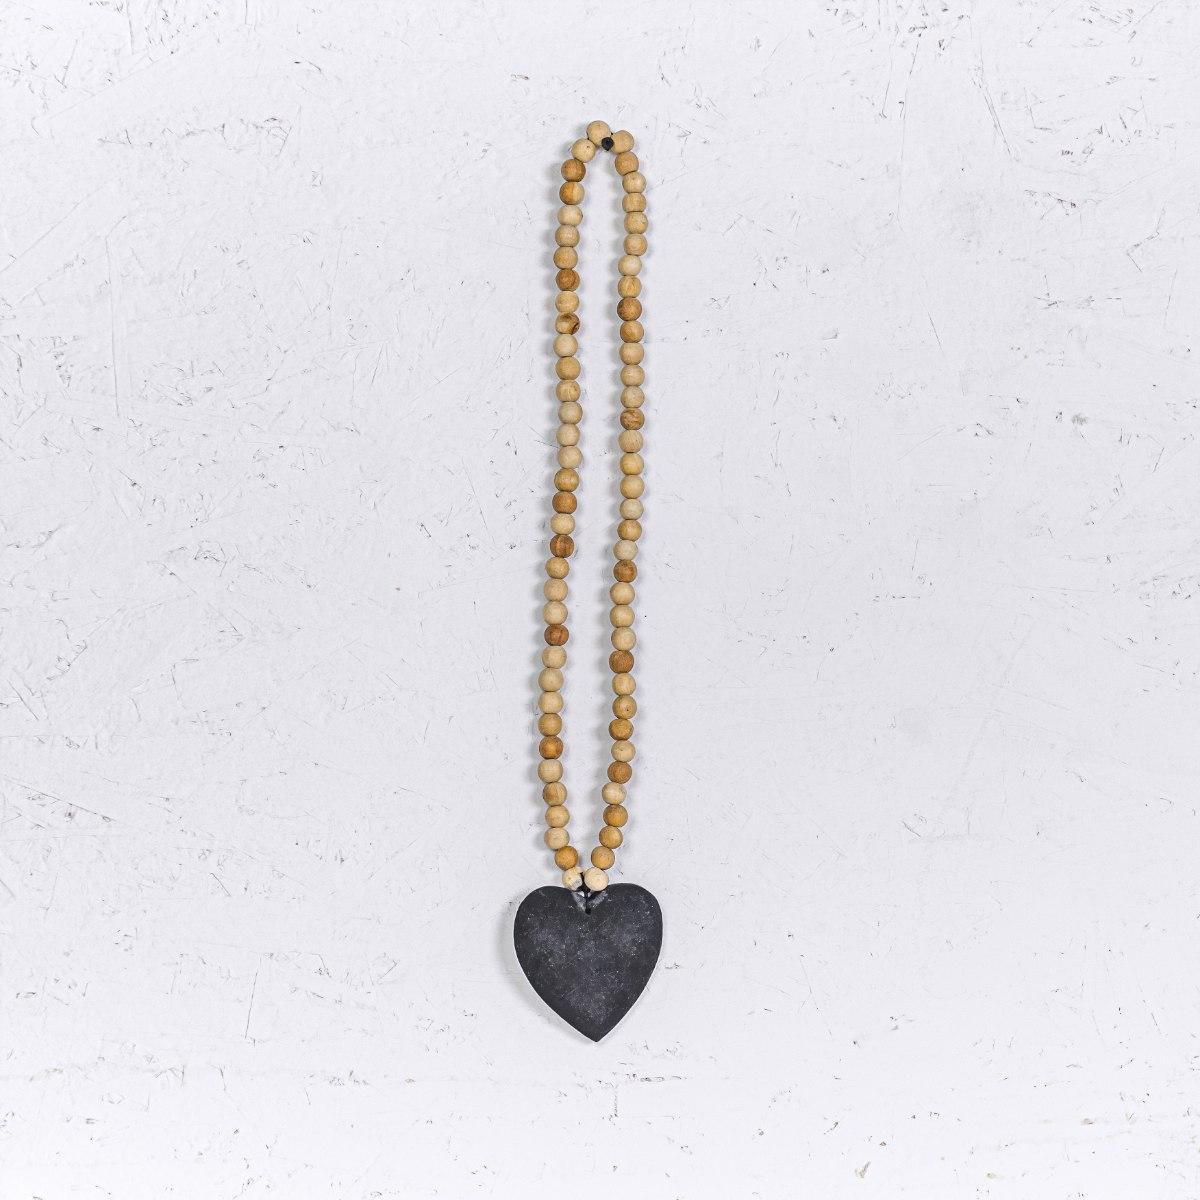 שרשרת חרוזי עץ טבעי עם לב שחור